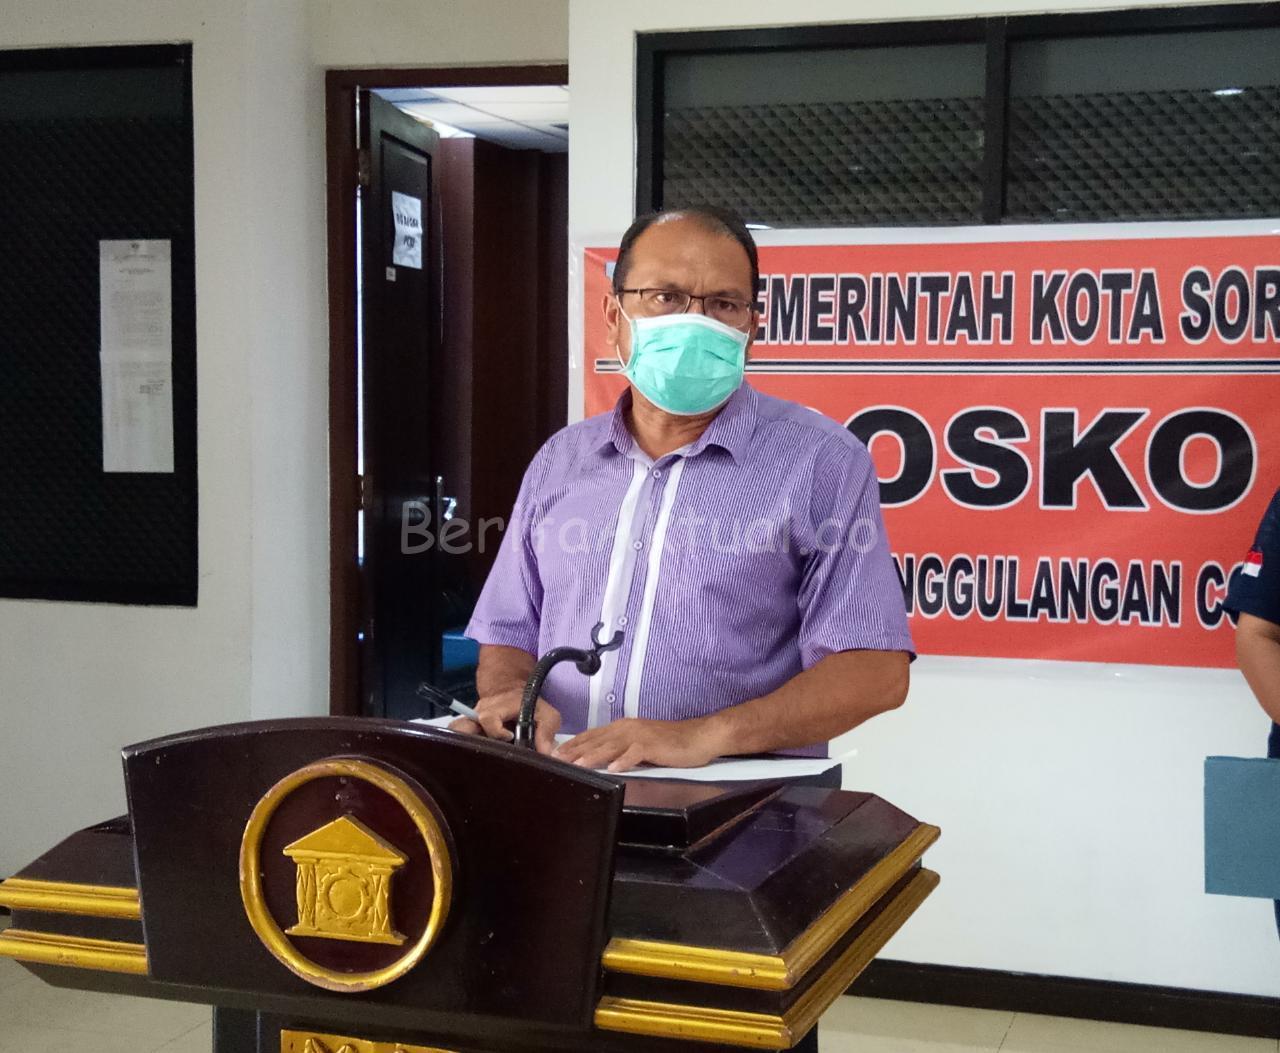 Orang Tanpa Gejala Corona Hampir Tersebar di Semua Distrik Kota Sorong 1 IMG 20200404 WA0041 1